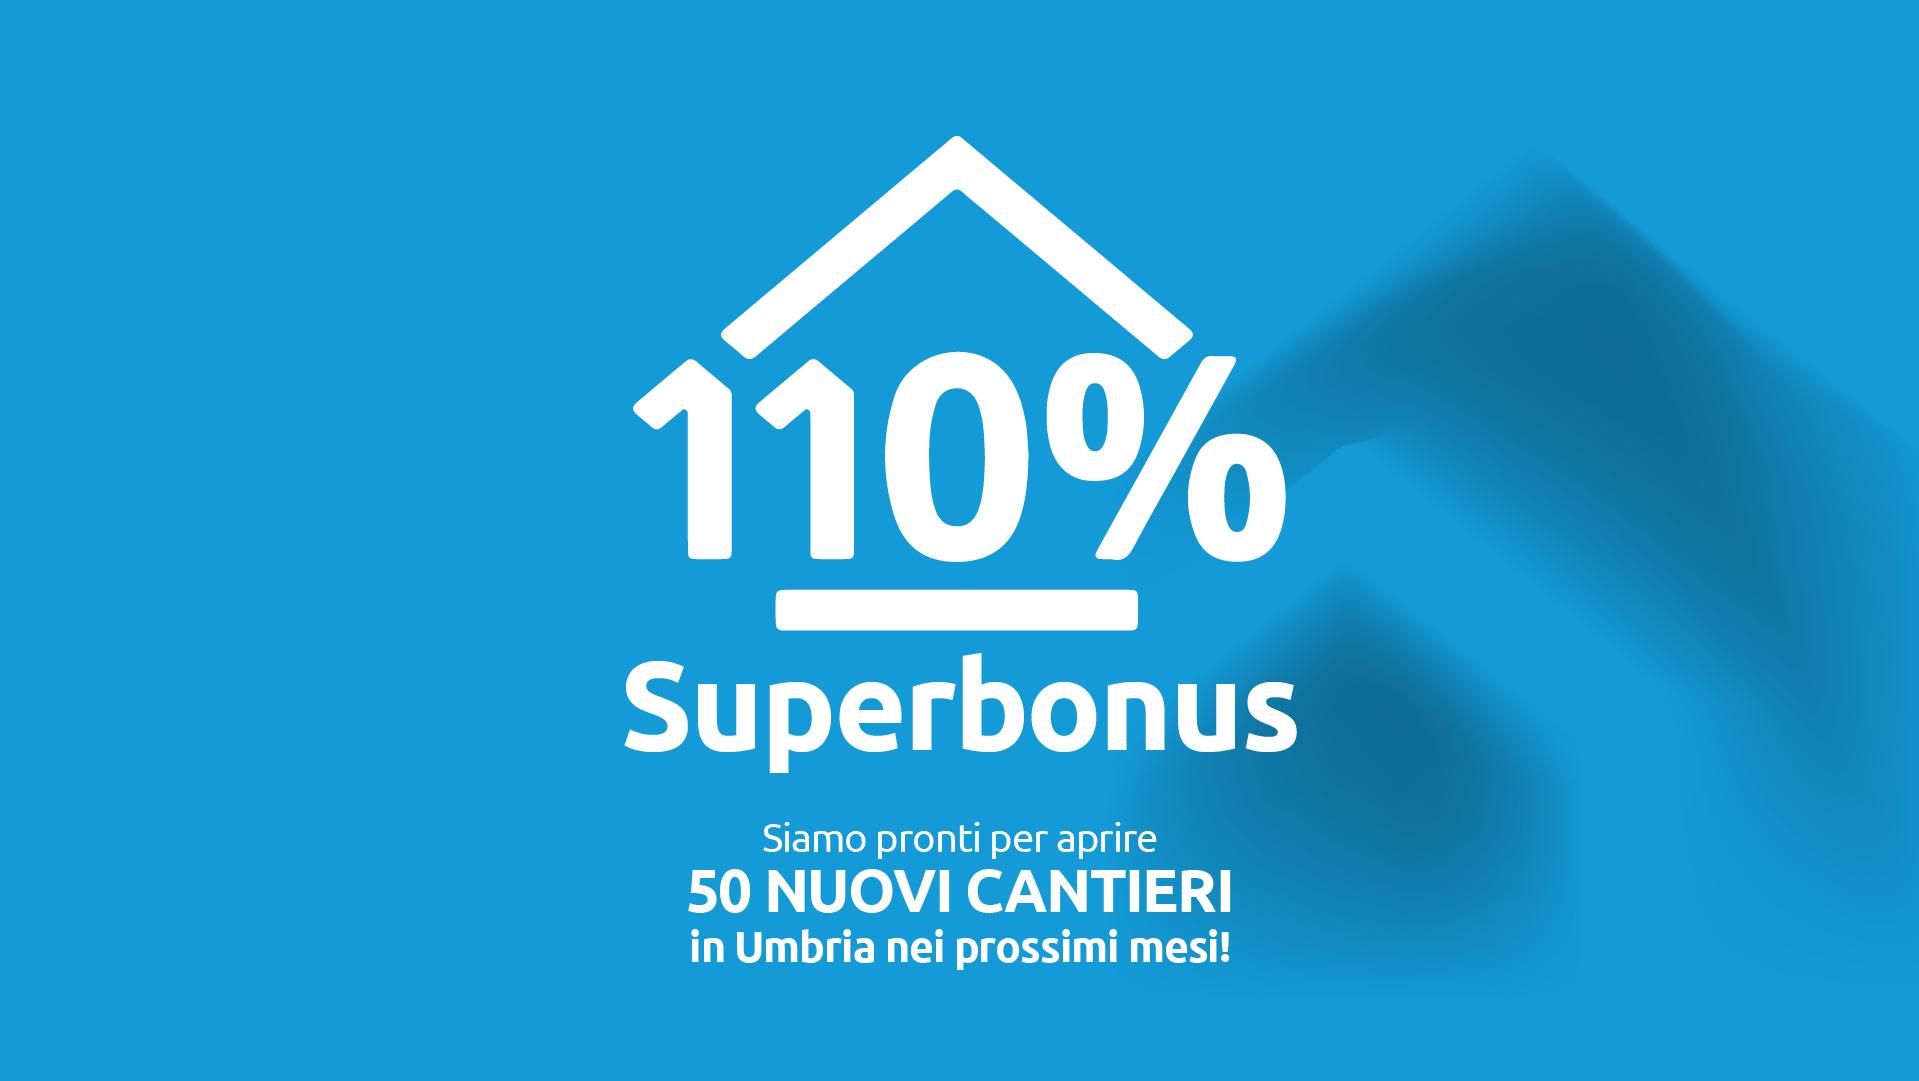 superbonus110 Umbria